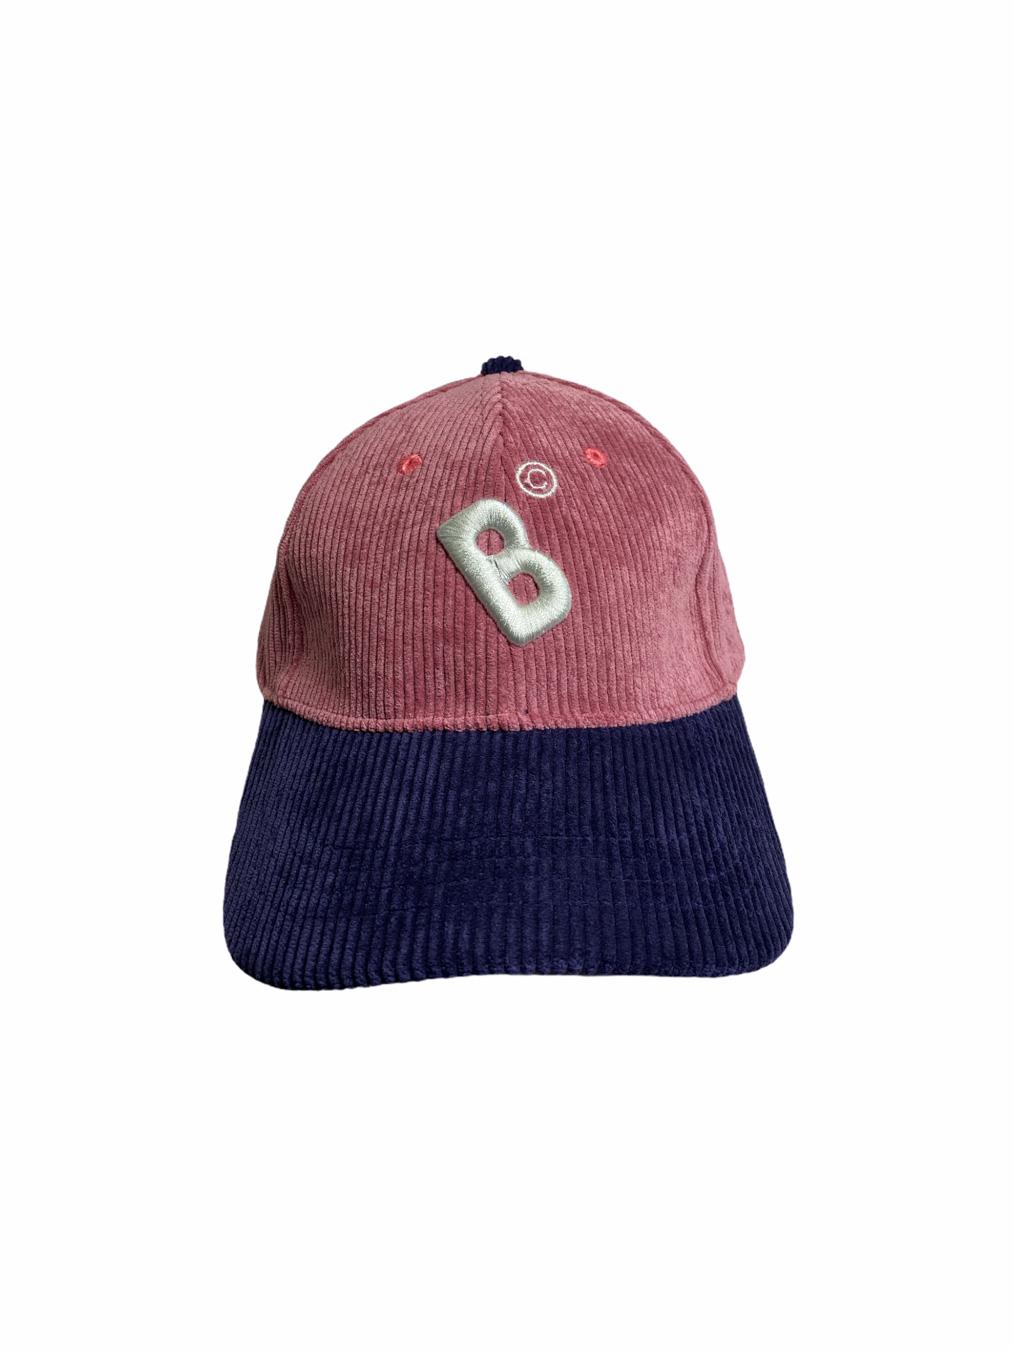 Bangkokr Cap (Pink/Navy Corduroy)